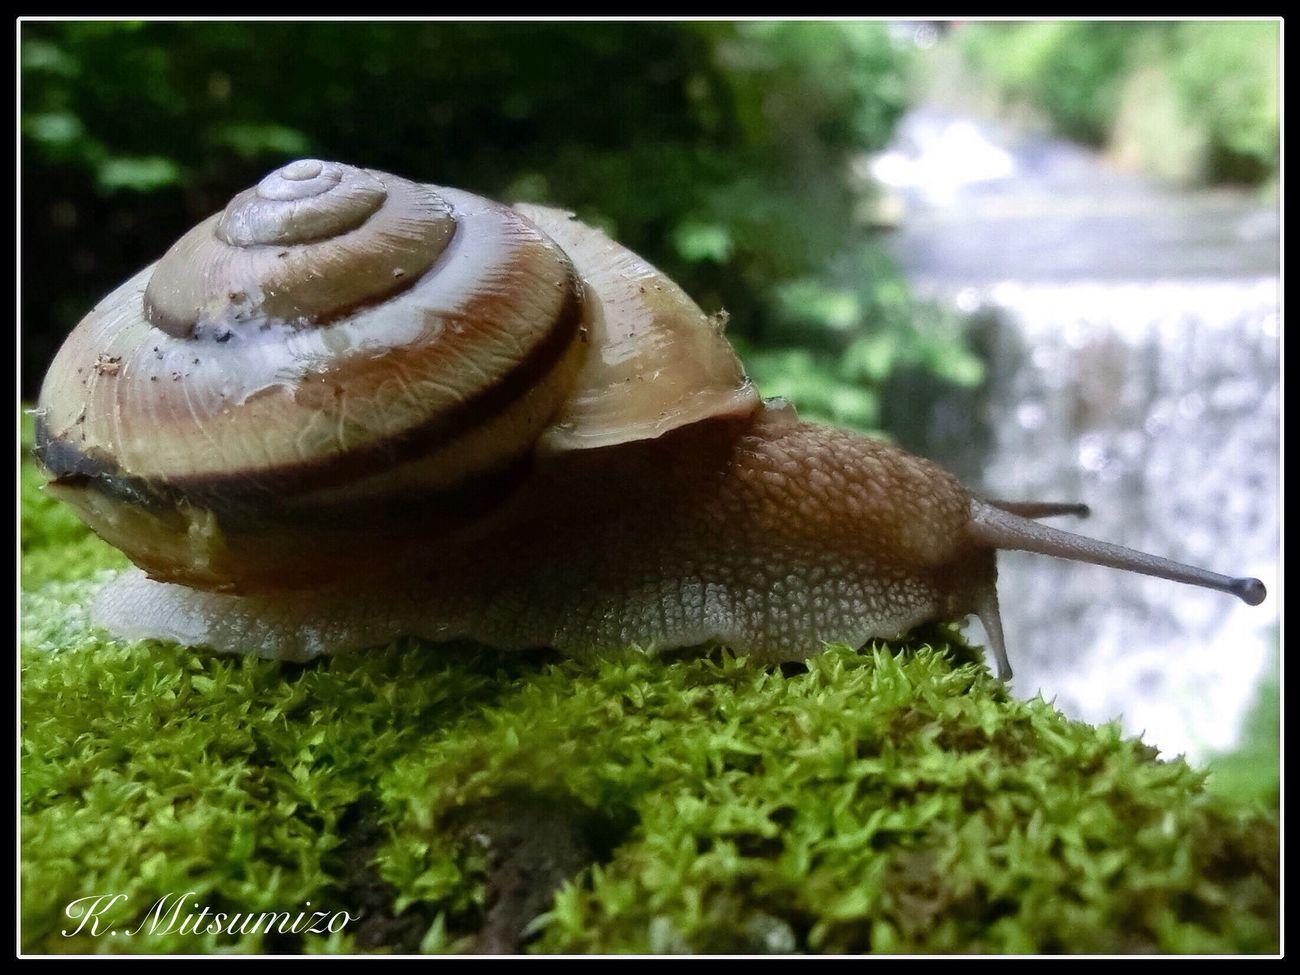 🐌 カタツムリ 蝸牛 Snails Nature Photography Enjoying Life Tadaa Community でんでん虫